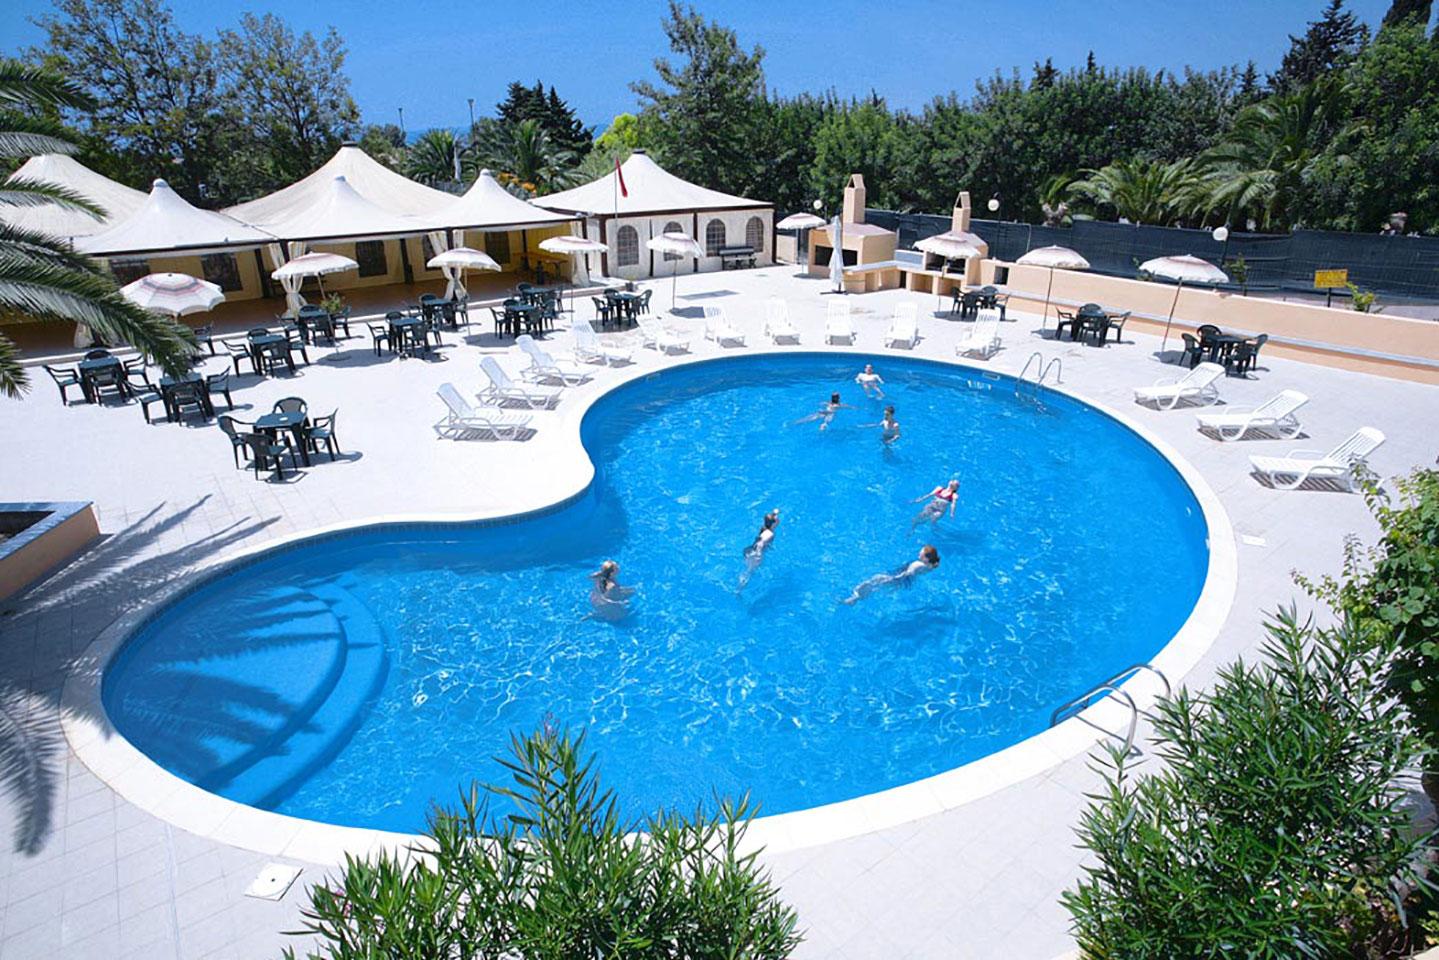 Hotel Califfo - Quartu Sant'Elena - Sardegna.com